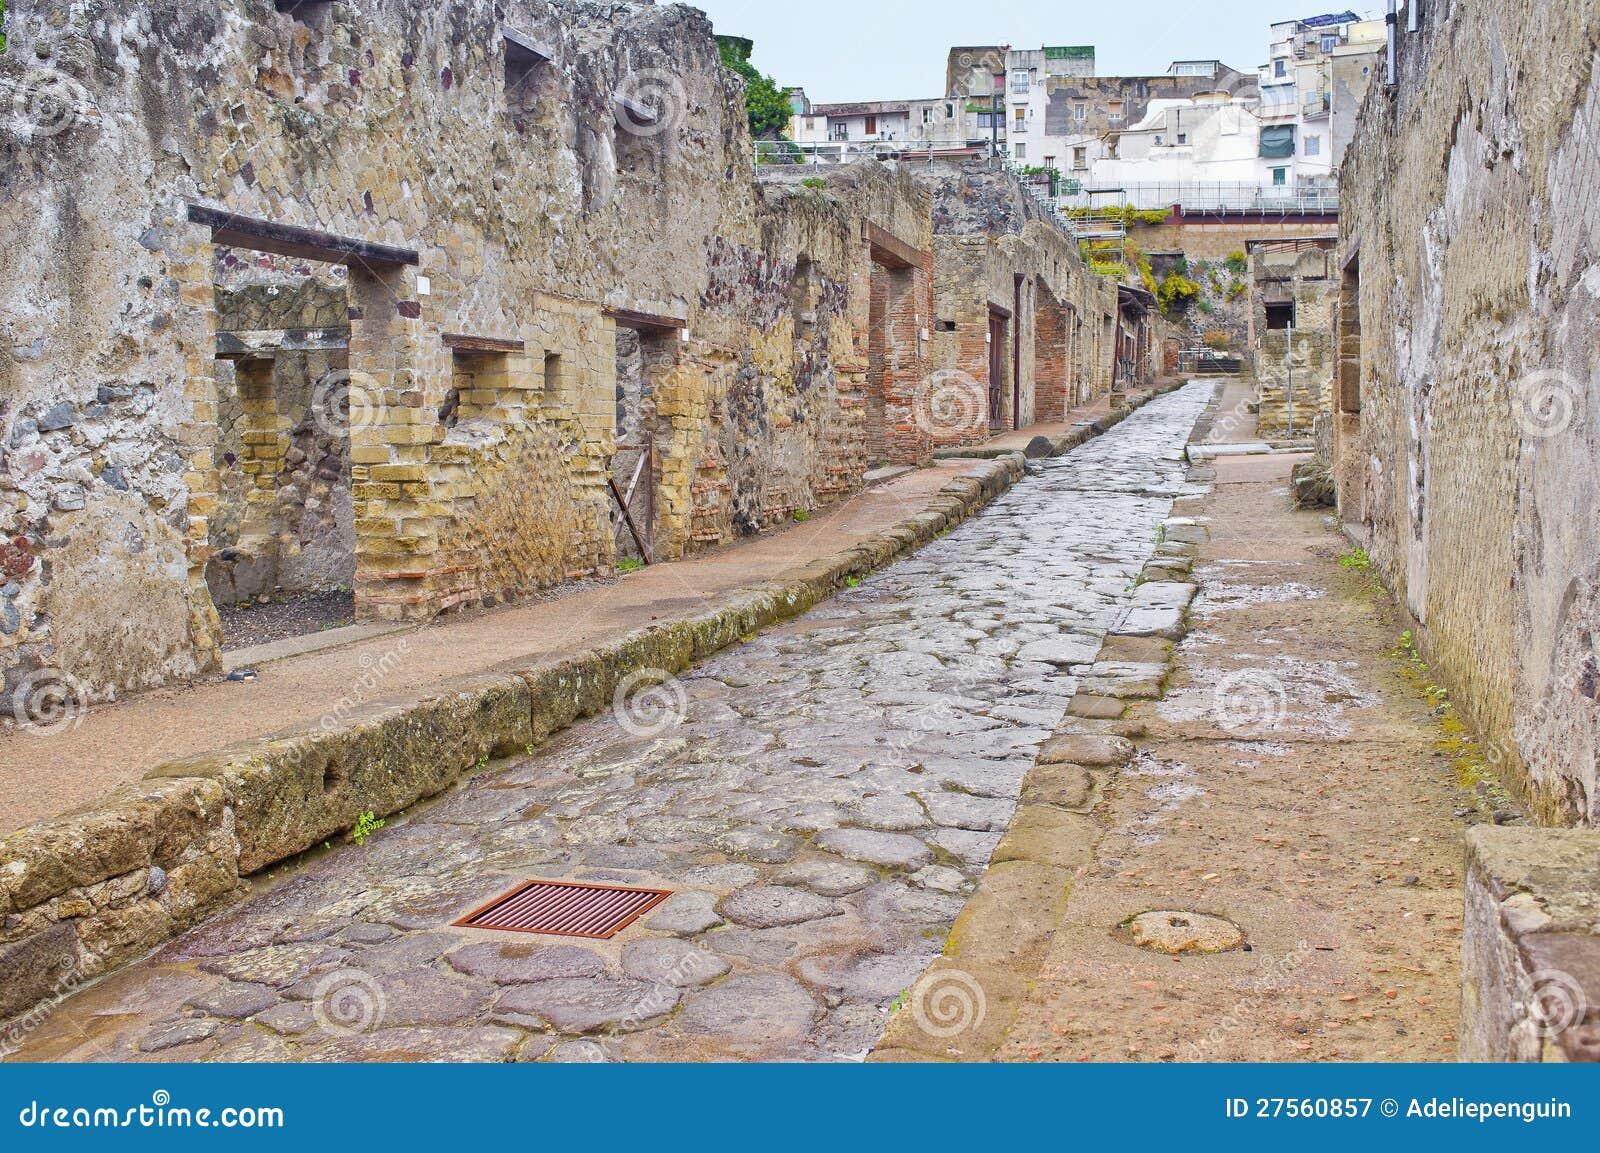 Rua de Herculaneum, Italy